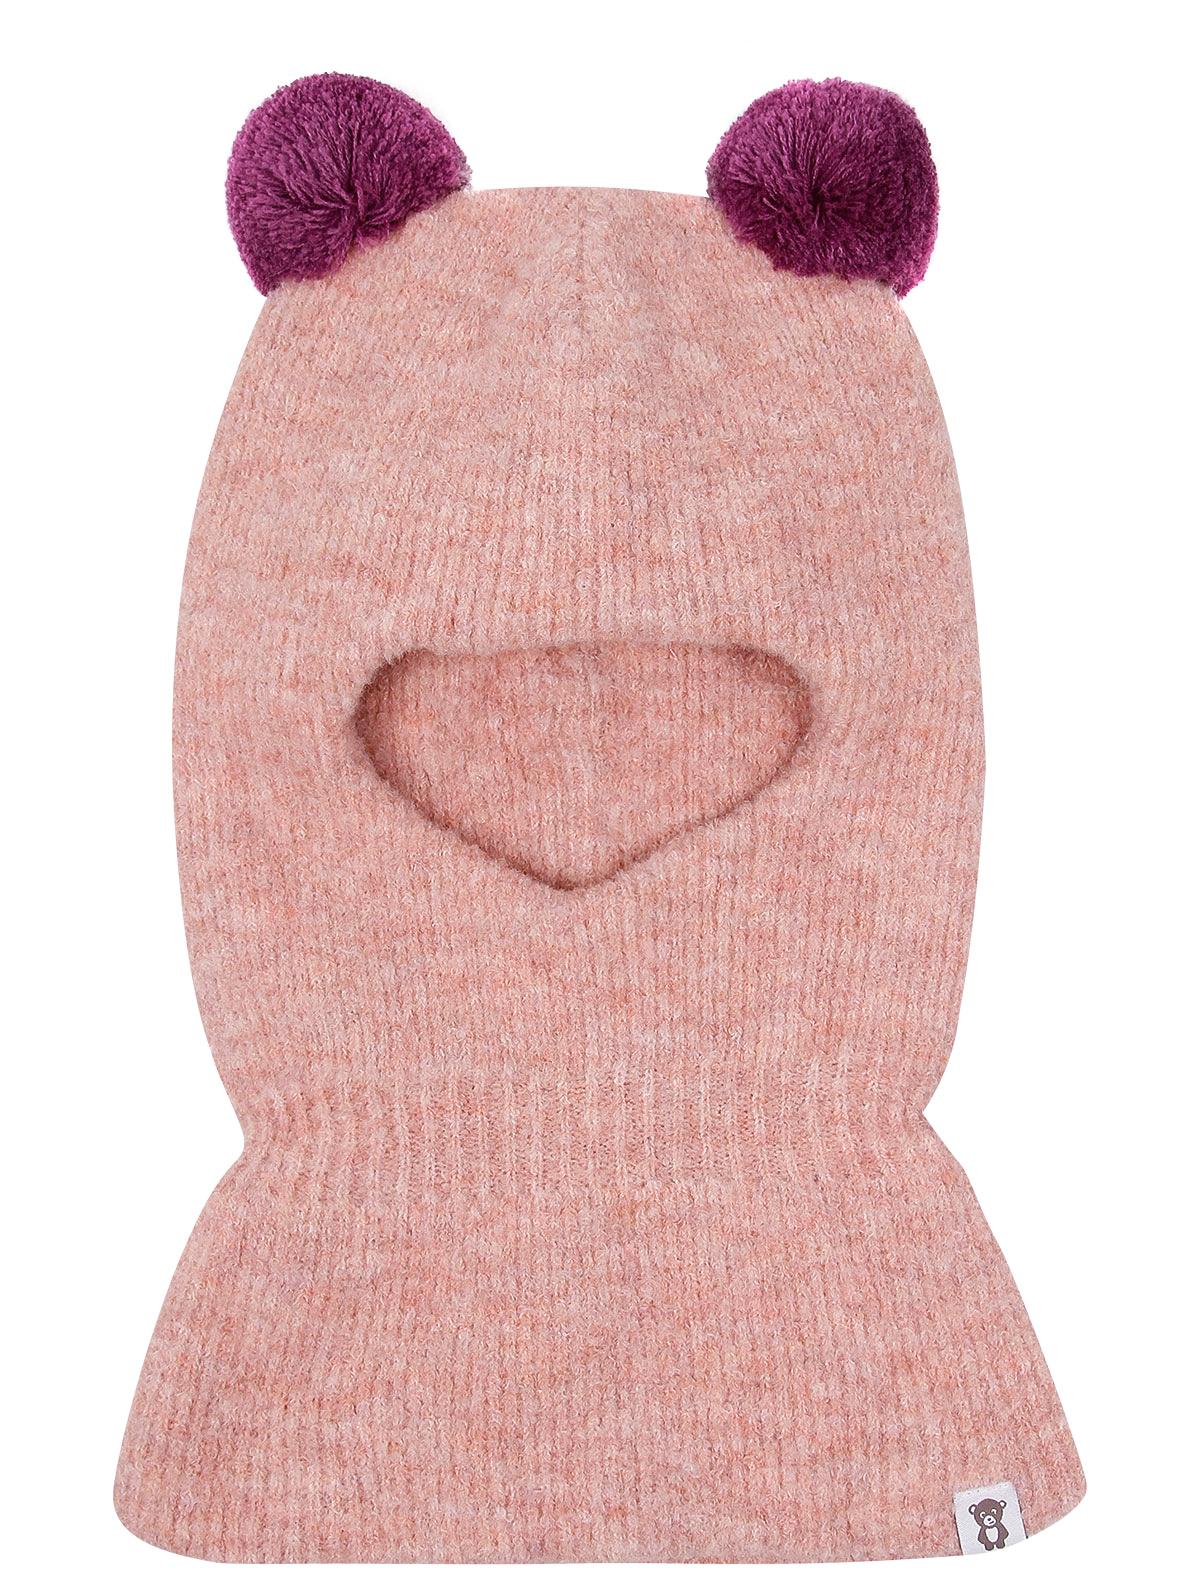 2256837, Шапка Air wool, розовый, Женский, 1354509082098  - купить со скидкой